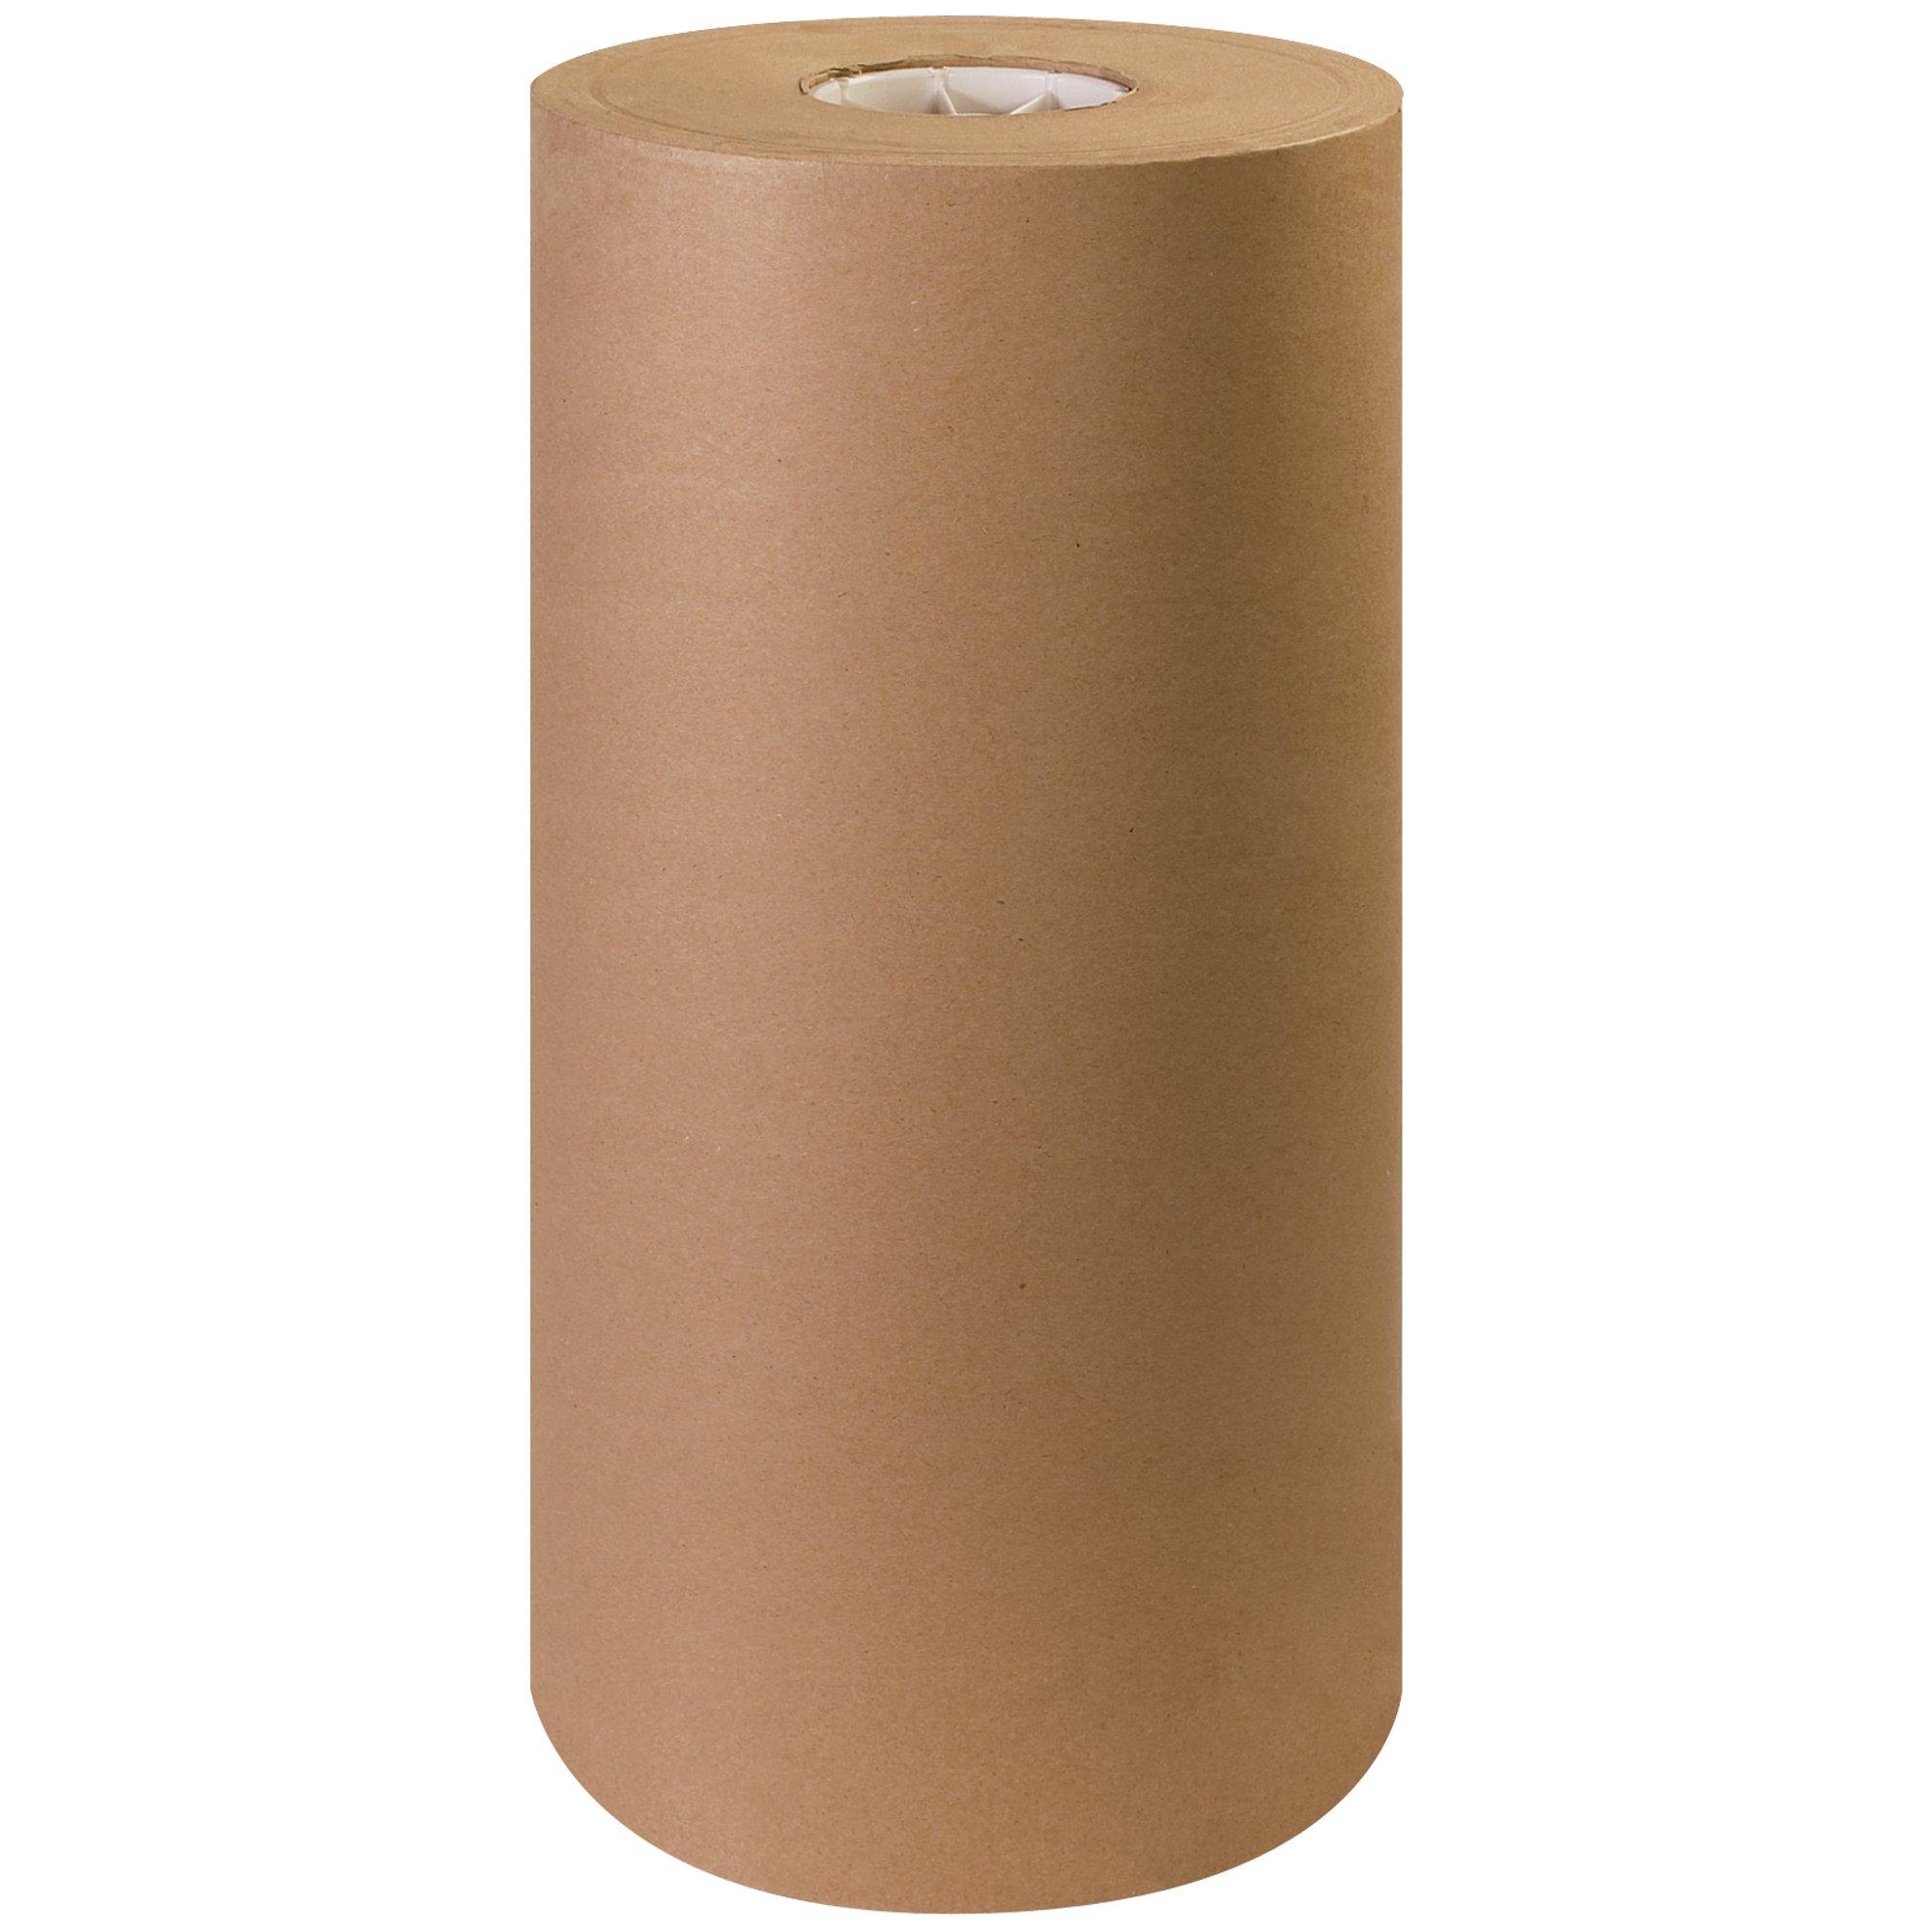 Aviditi KP1840 Fiber 40# Paper Roll, 900' Length x 18'' Width, Kraft by Aviditi